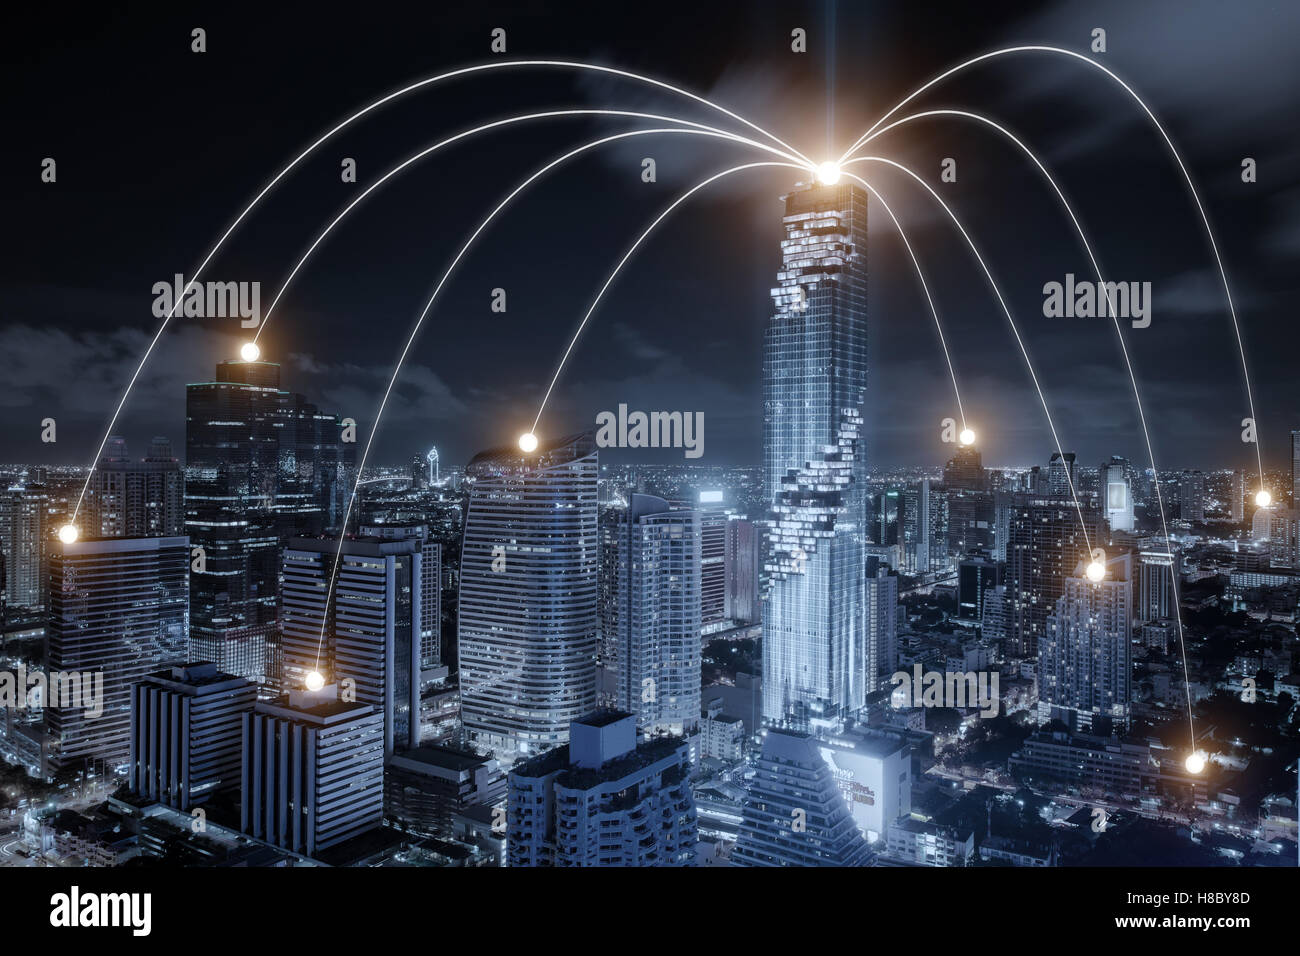 Attività di rete Sistema di connessione sulla città di Bangkok in background. Attività rete di concetto Immagini Stock